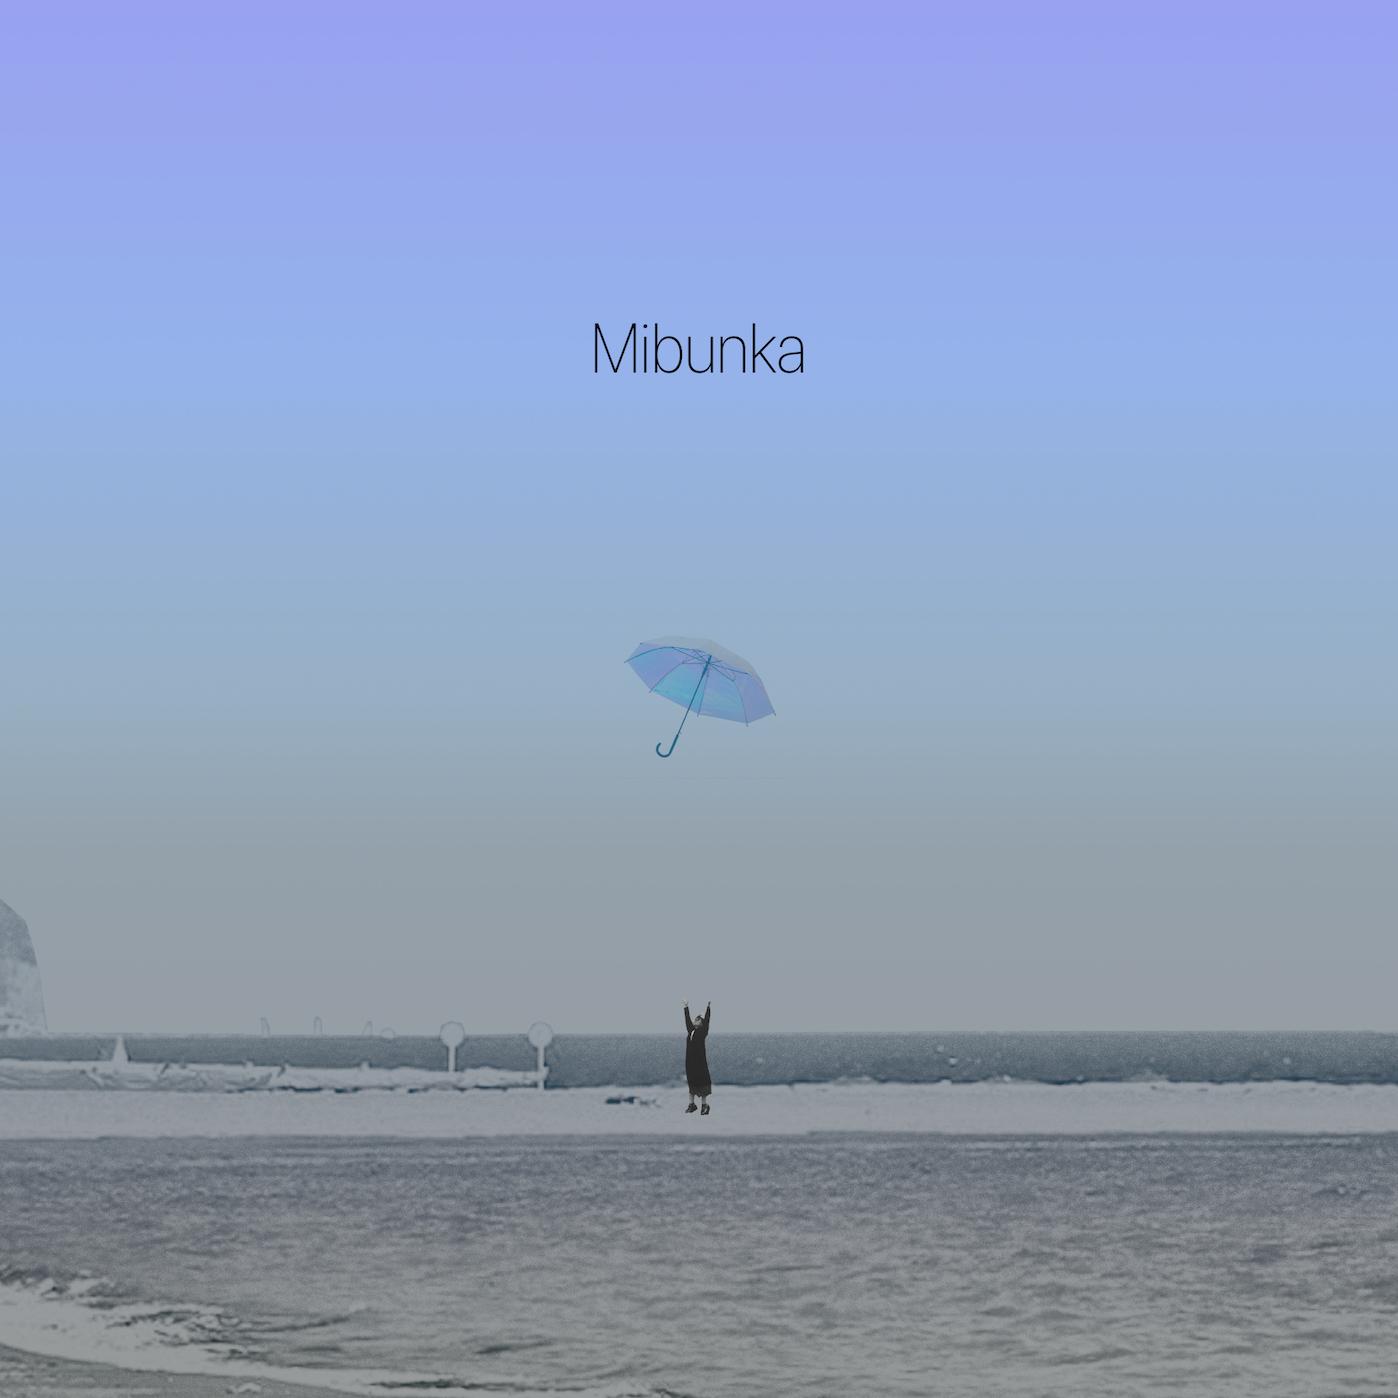 Mibunka